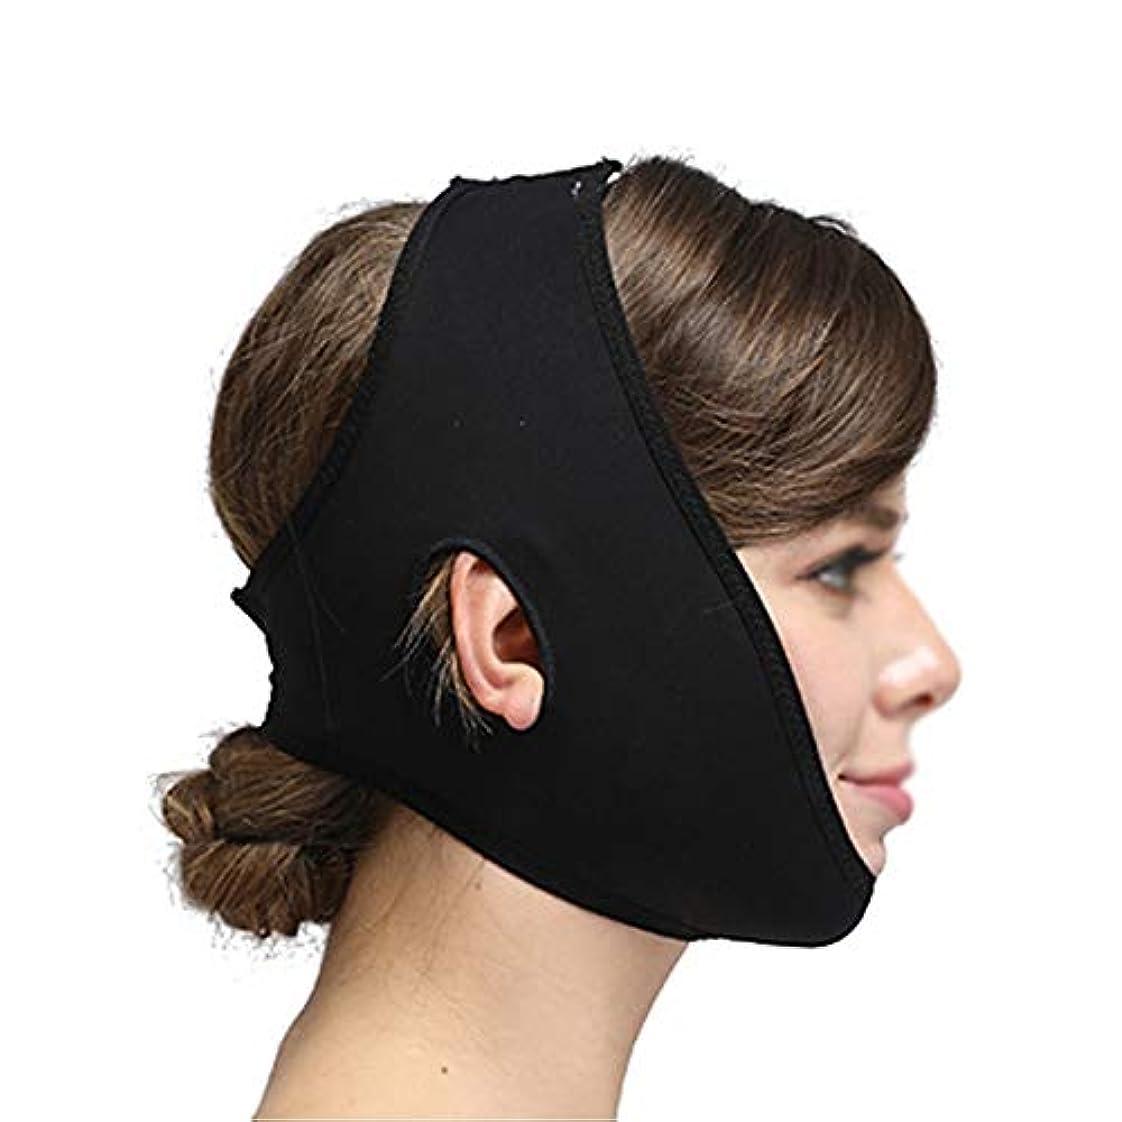 コンプリート着実に債権者XHLMRMJ フェイシャル彫刻道具、弾力性のあるヘッドギア、脂肪吸引術、薄い顔、二重あご (Color : Black, Size : S)